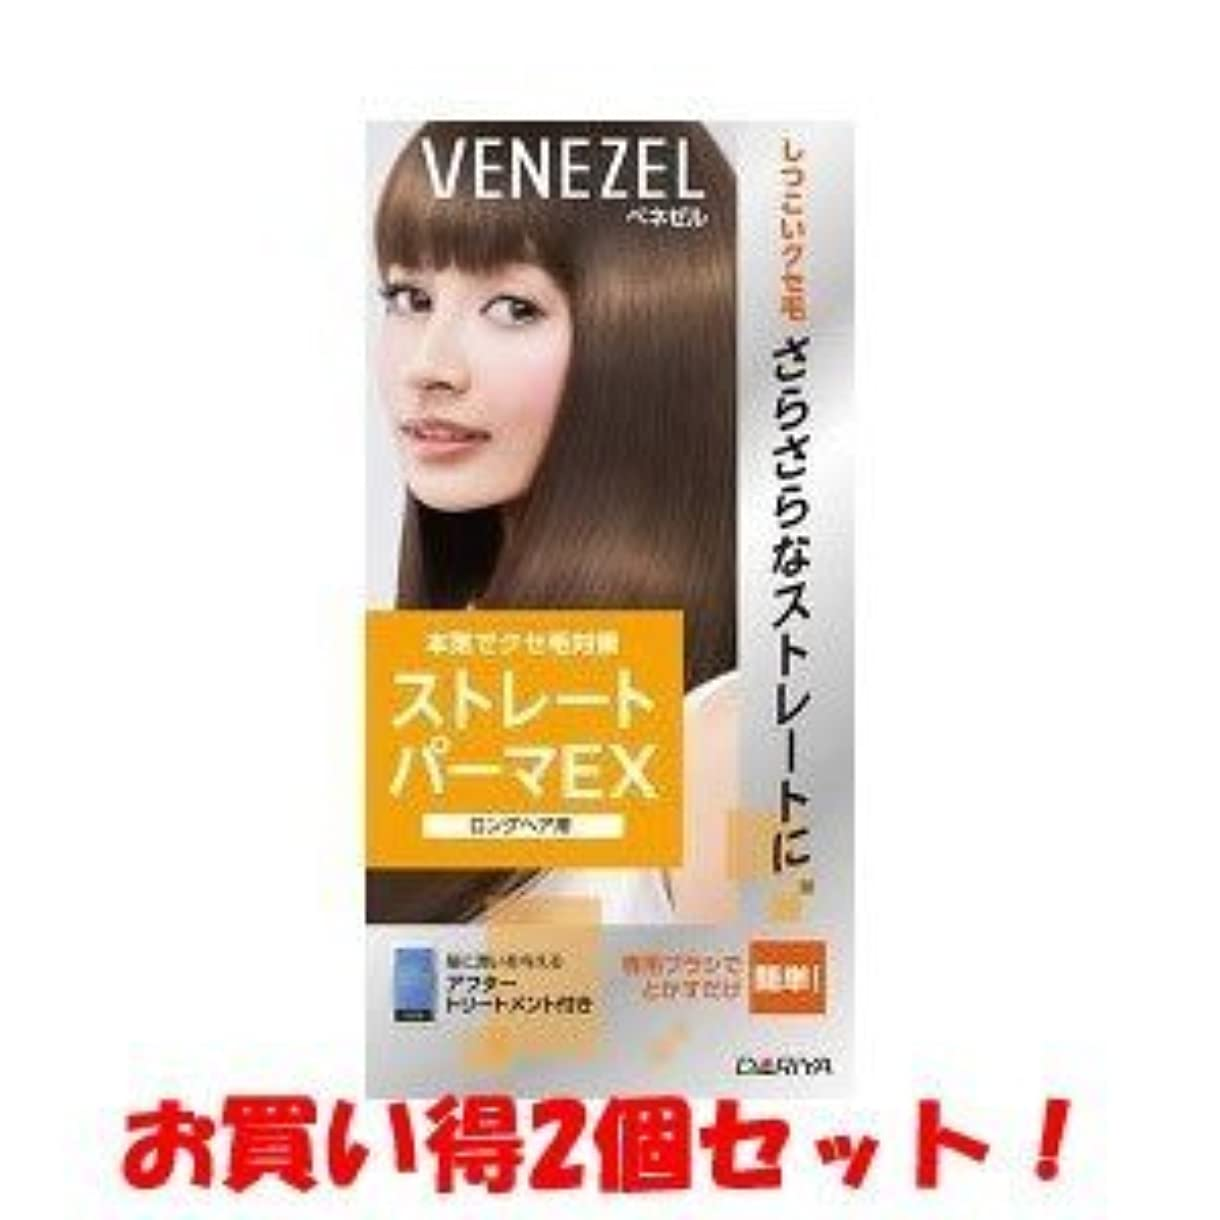 不毛不公平比較的(ダリヤ)ベネゼル ストレートパーマEX ロングヘア用 1セット(医薬部外品)(お買い得2個セット)